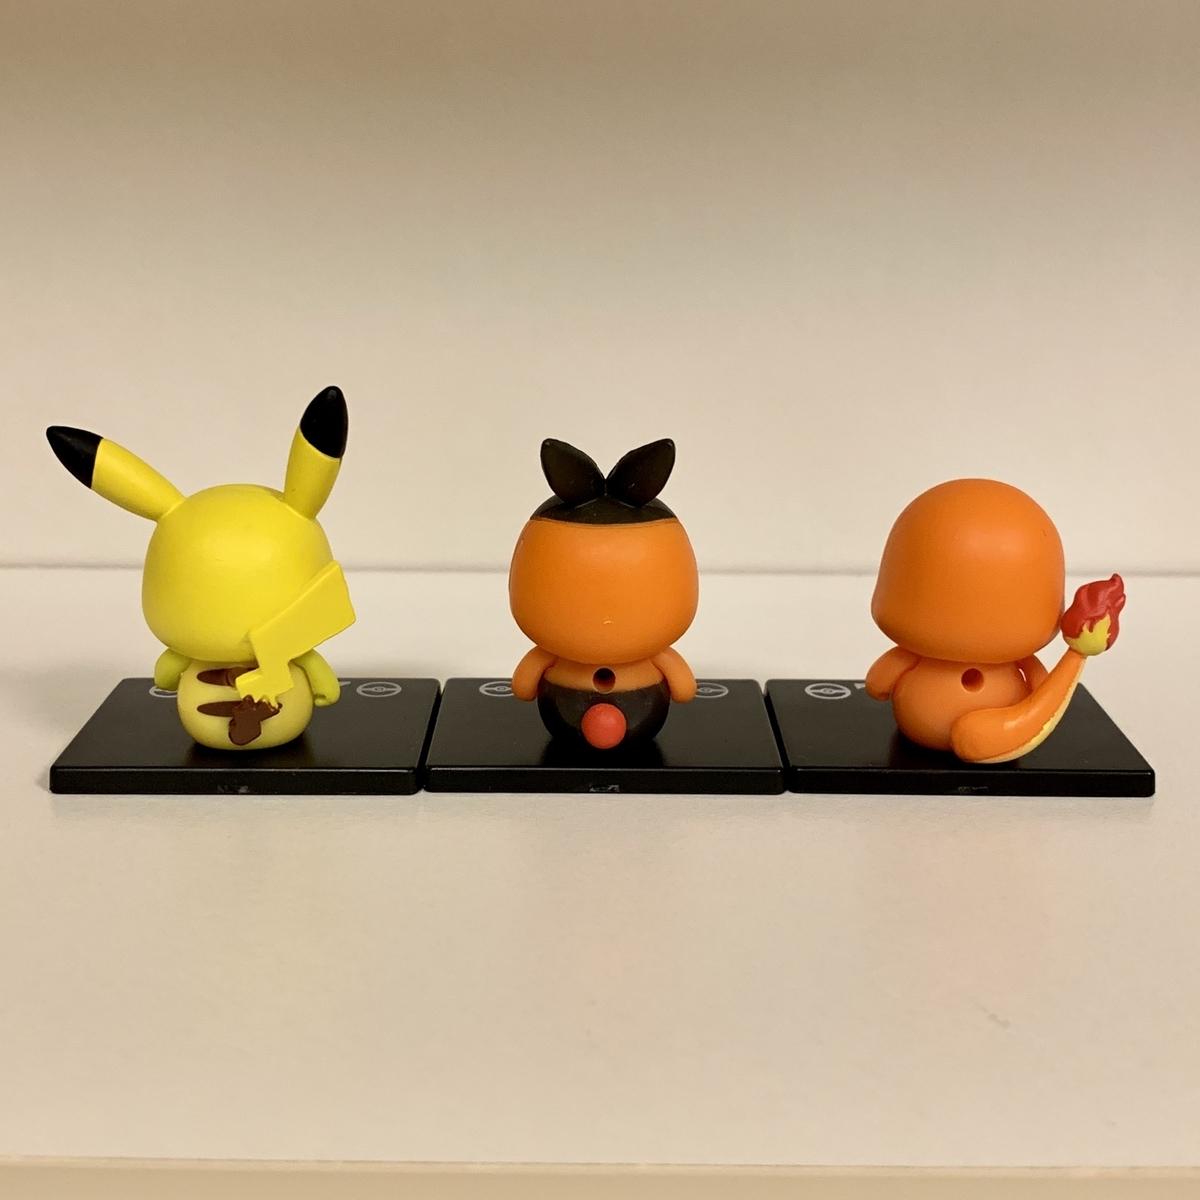 f:id:pikachu_pcn:20200123213713j:plain